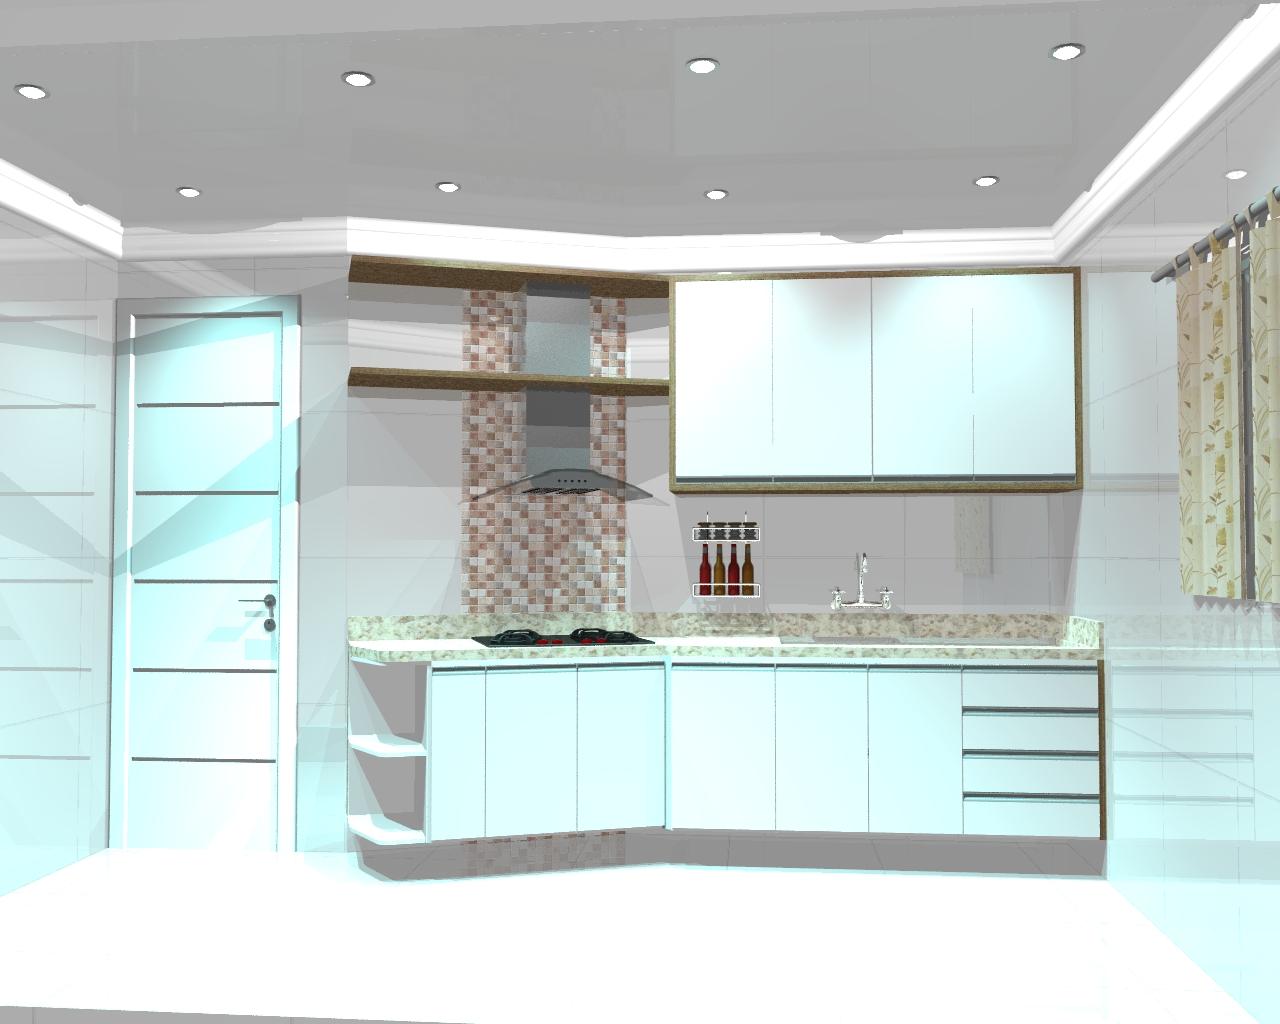 Cozinha com uma visão mais moderna com gavetões torre e ilha. #5E4937 1280 1024